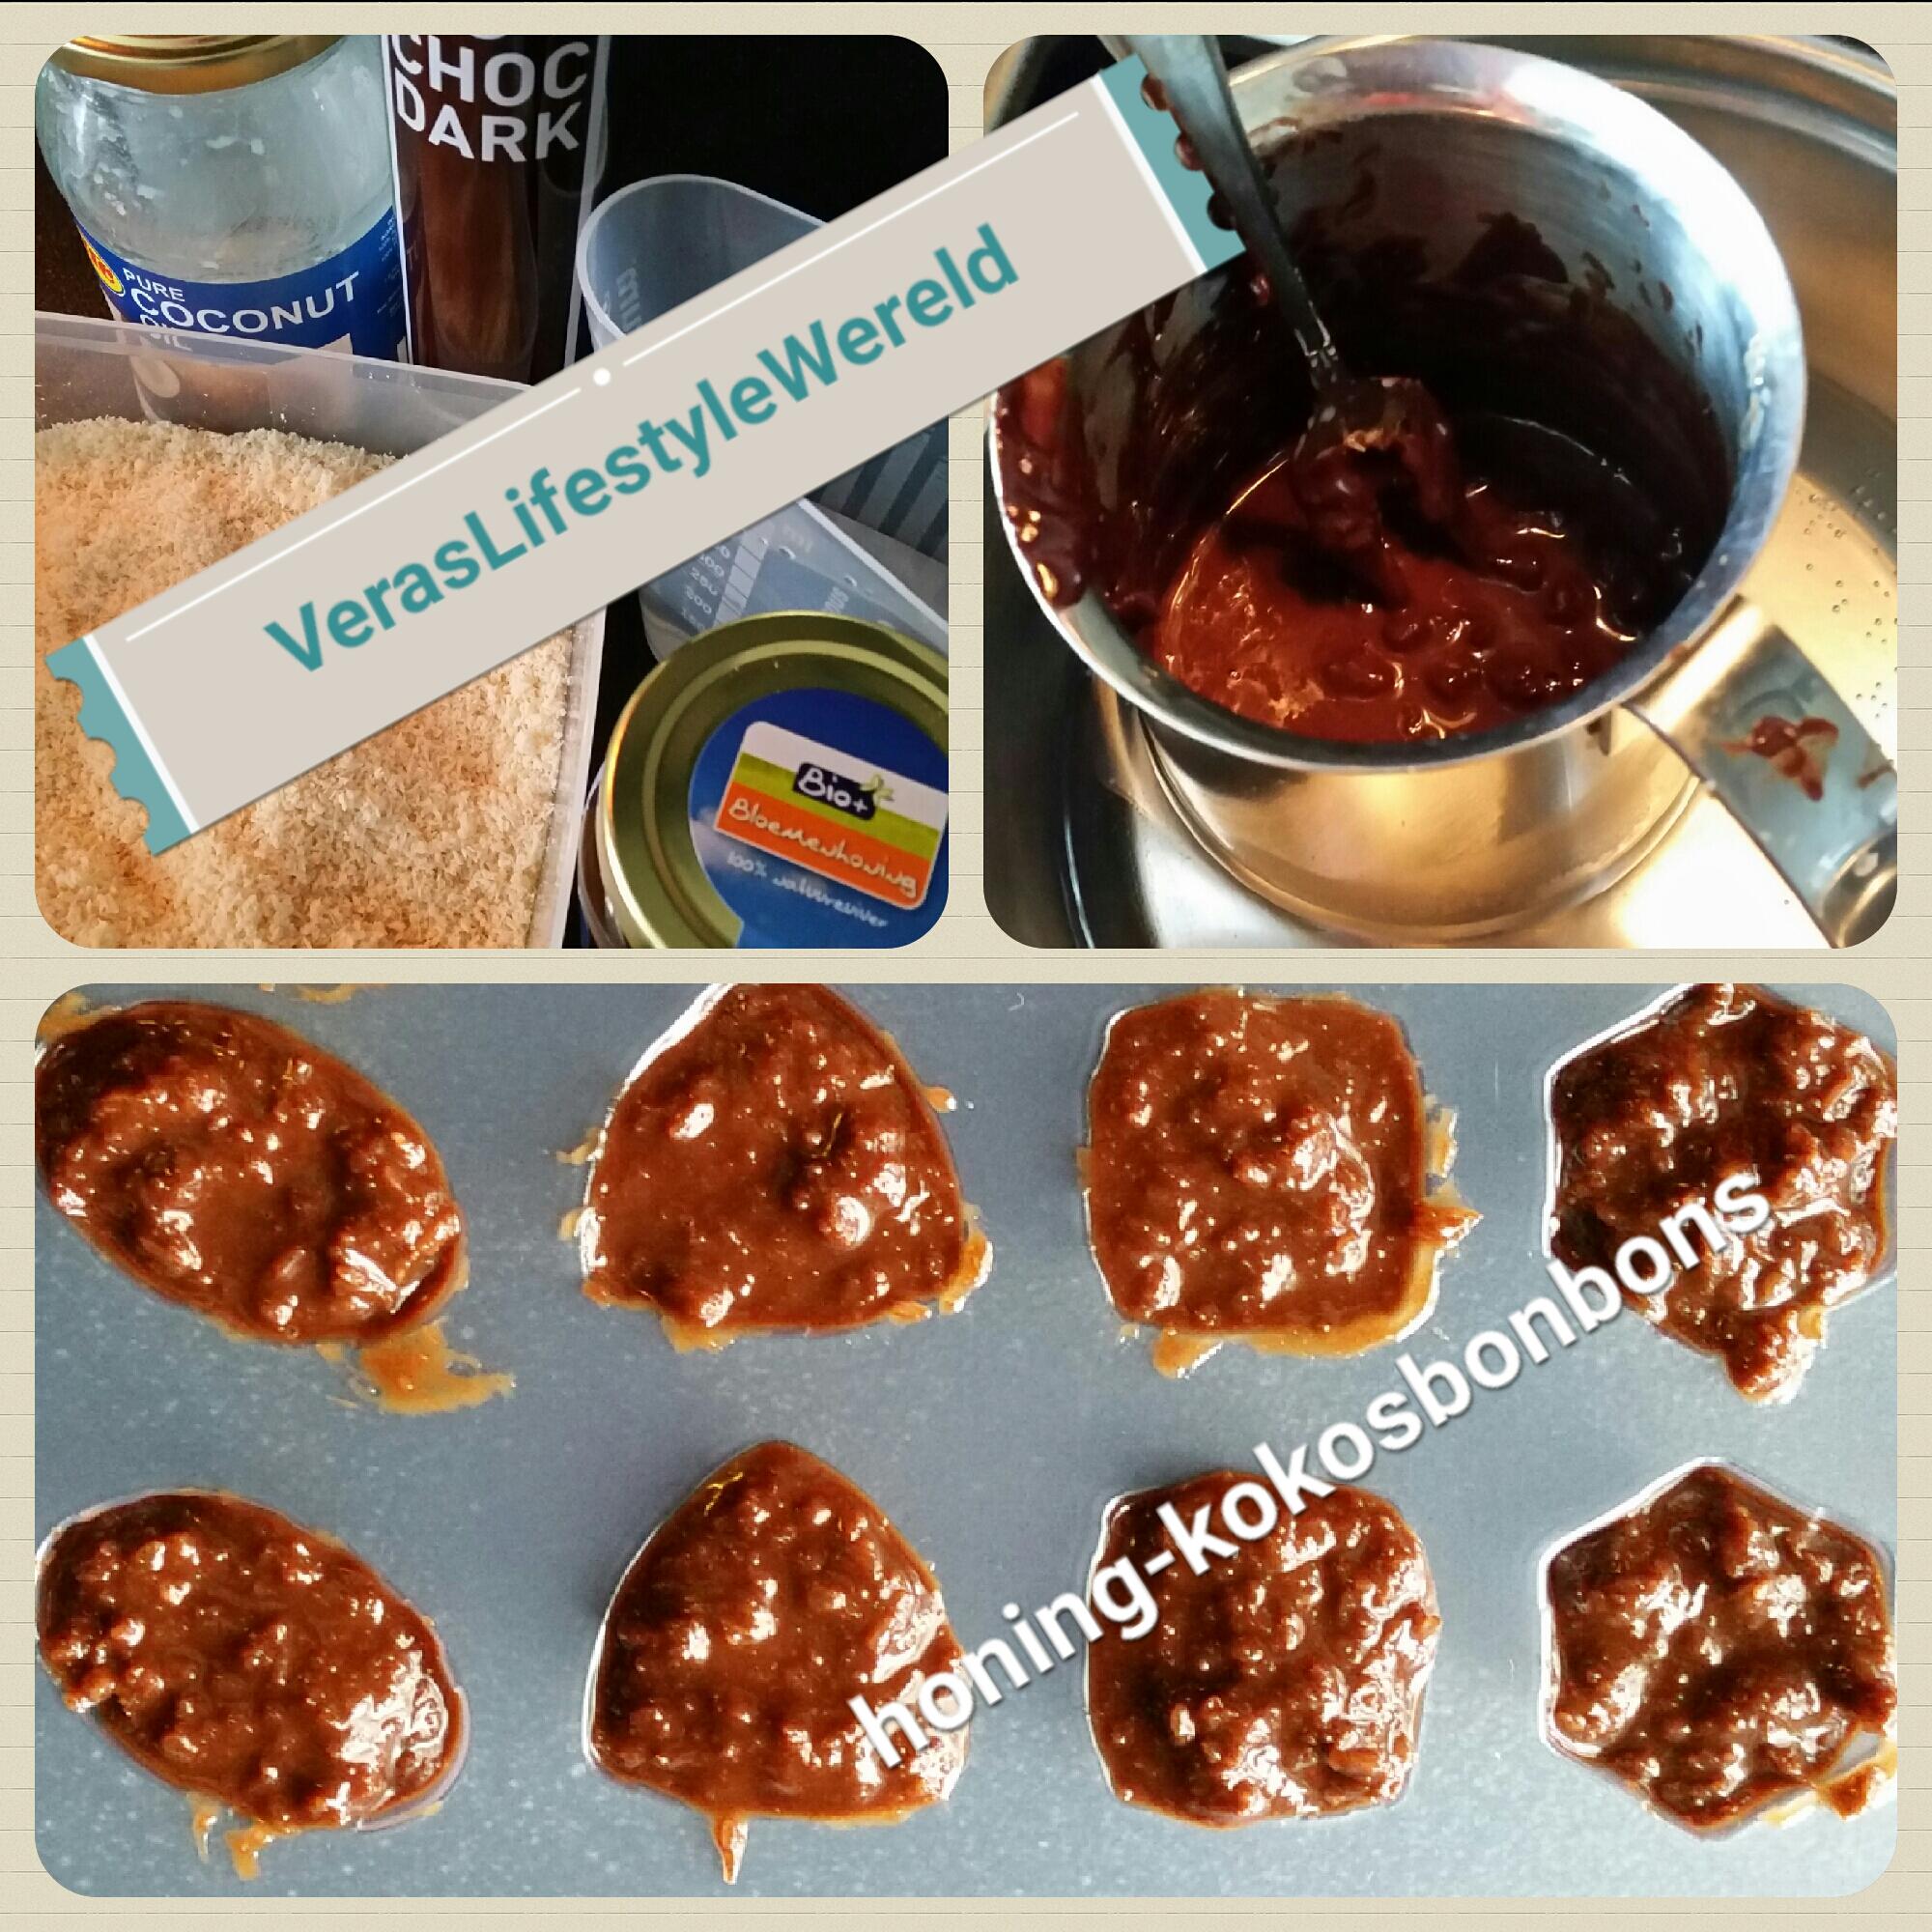 Maak je eigen chocoladebonbons, passend bij een ketogeen leefstijl. Meer dan 20 tips in deze blog en meer recepten op Vera's Lifestyle Wereld!